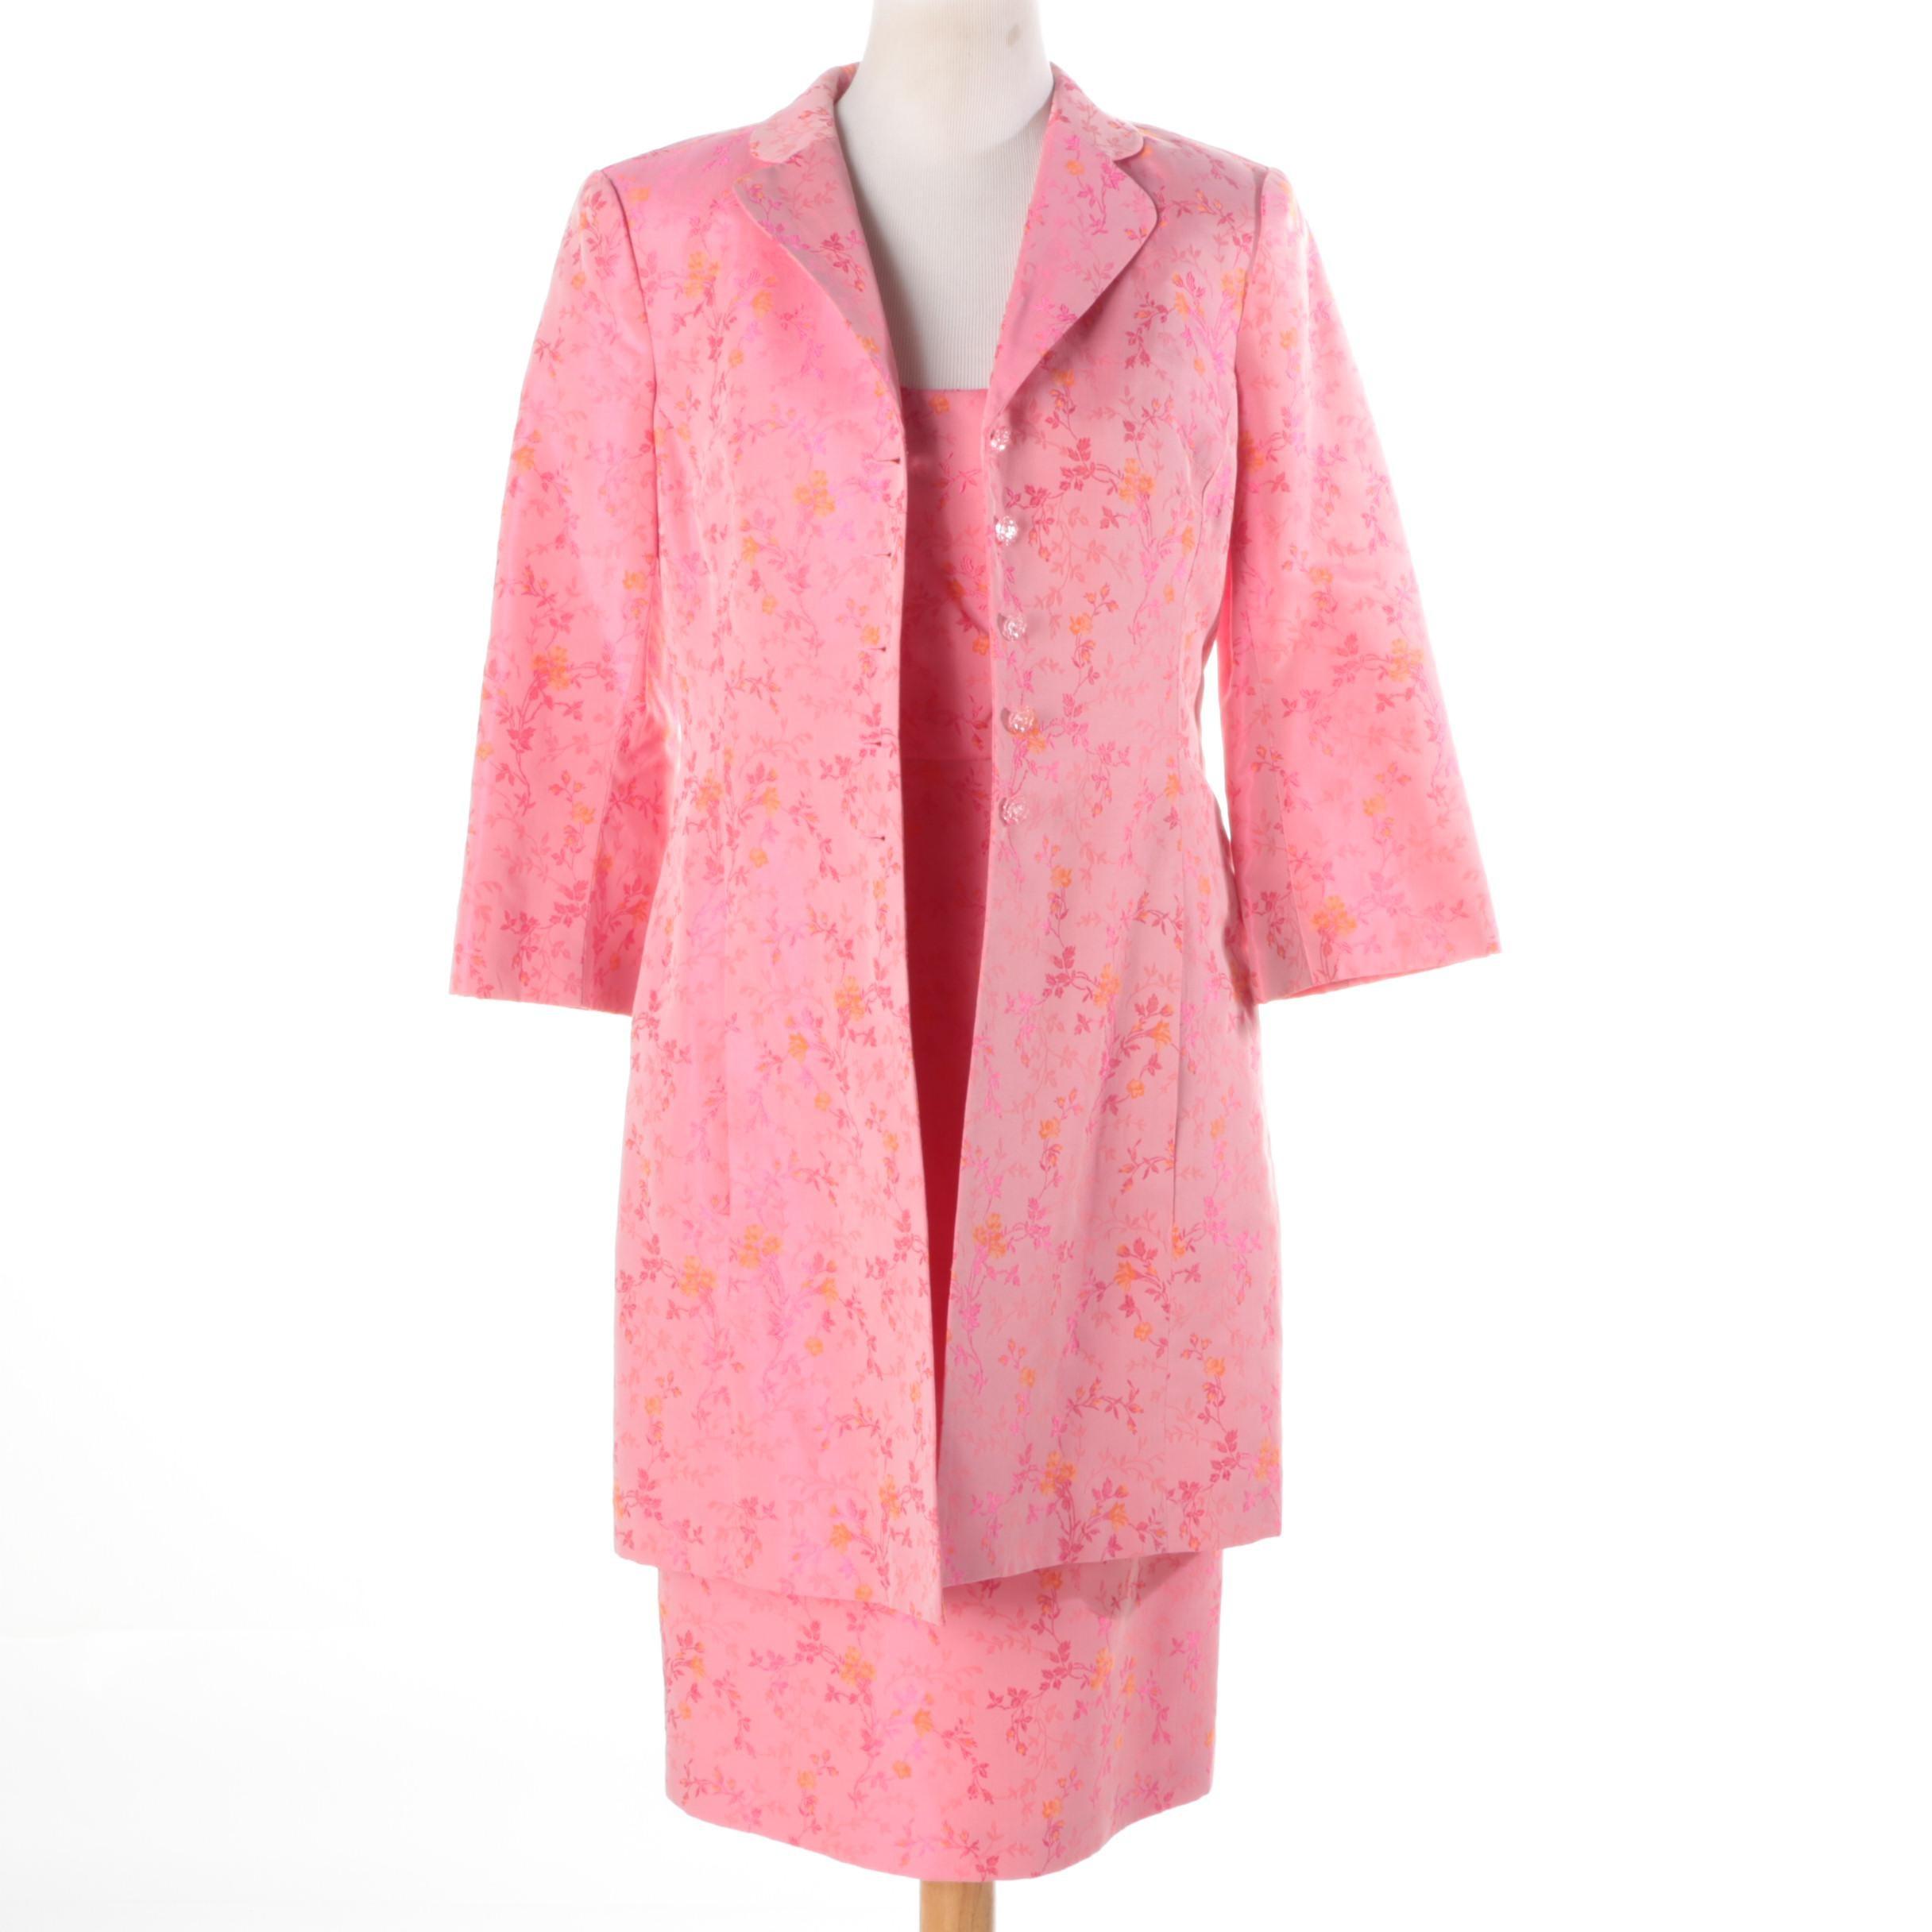 Nanette Lepore Pink Floral Dress Set